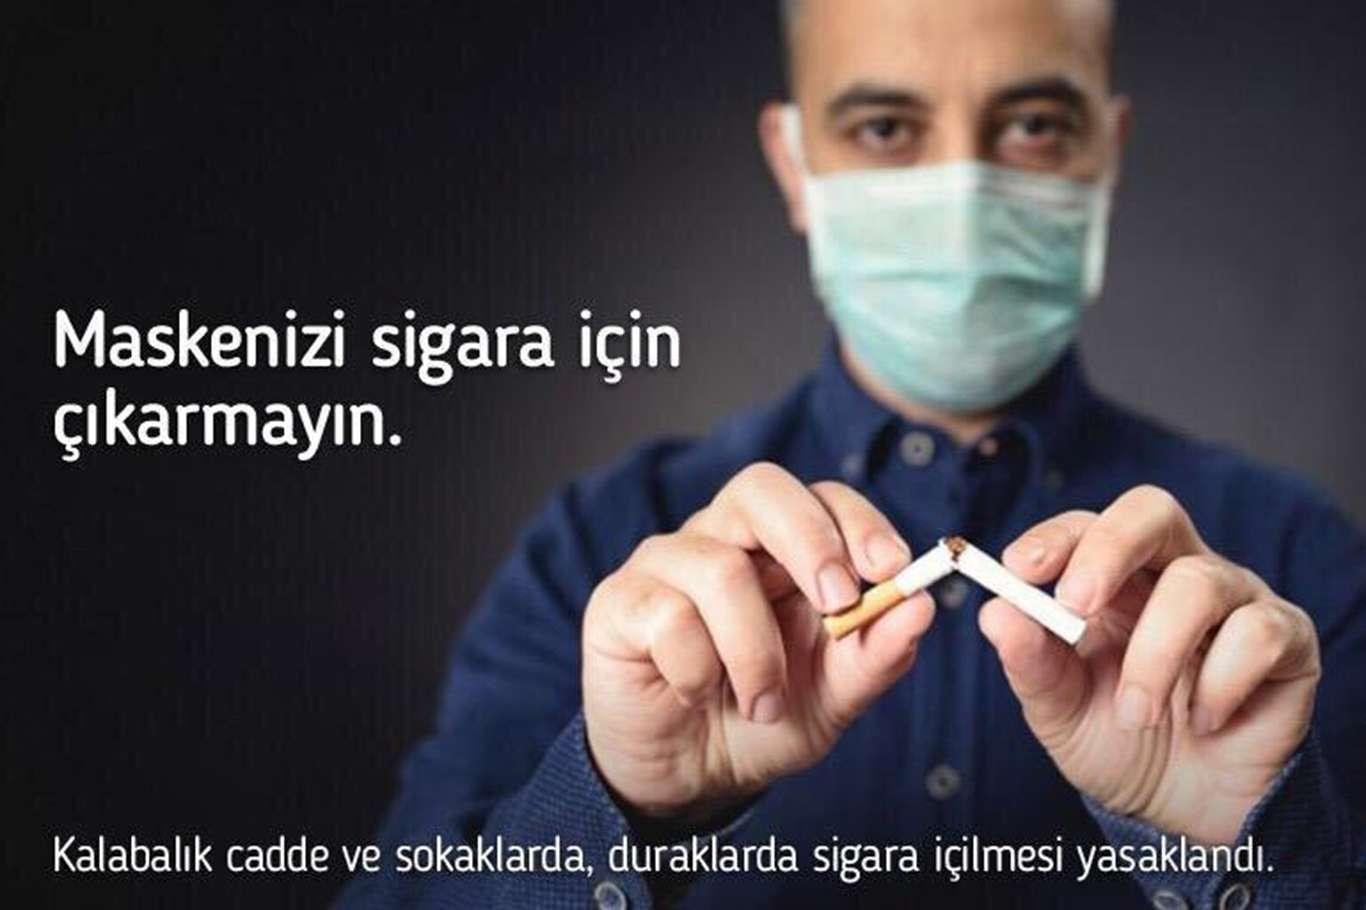 Sağlık Bakanı Kocadan Maskenizi sigara için çıkarmayın uyarısı